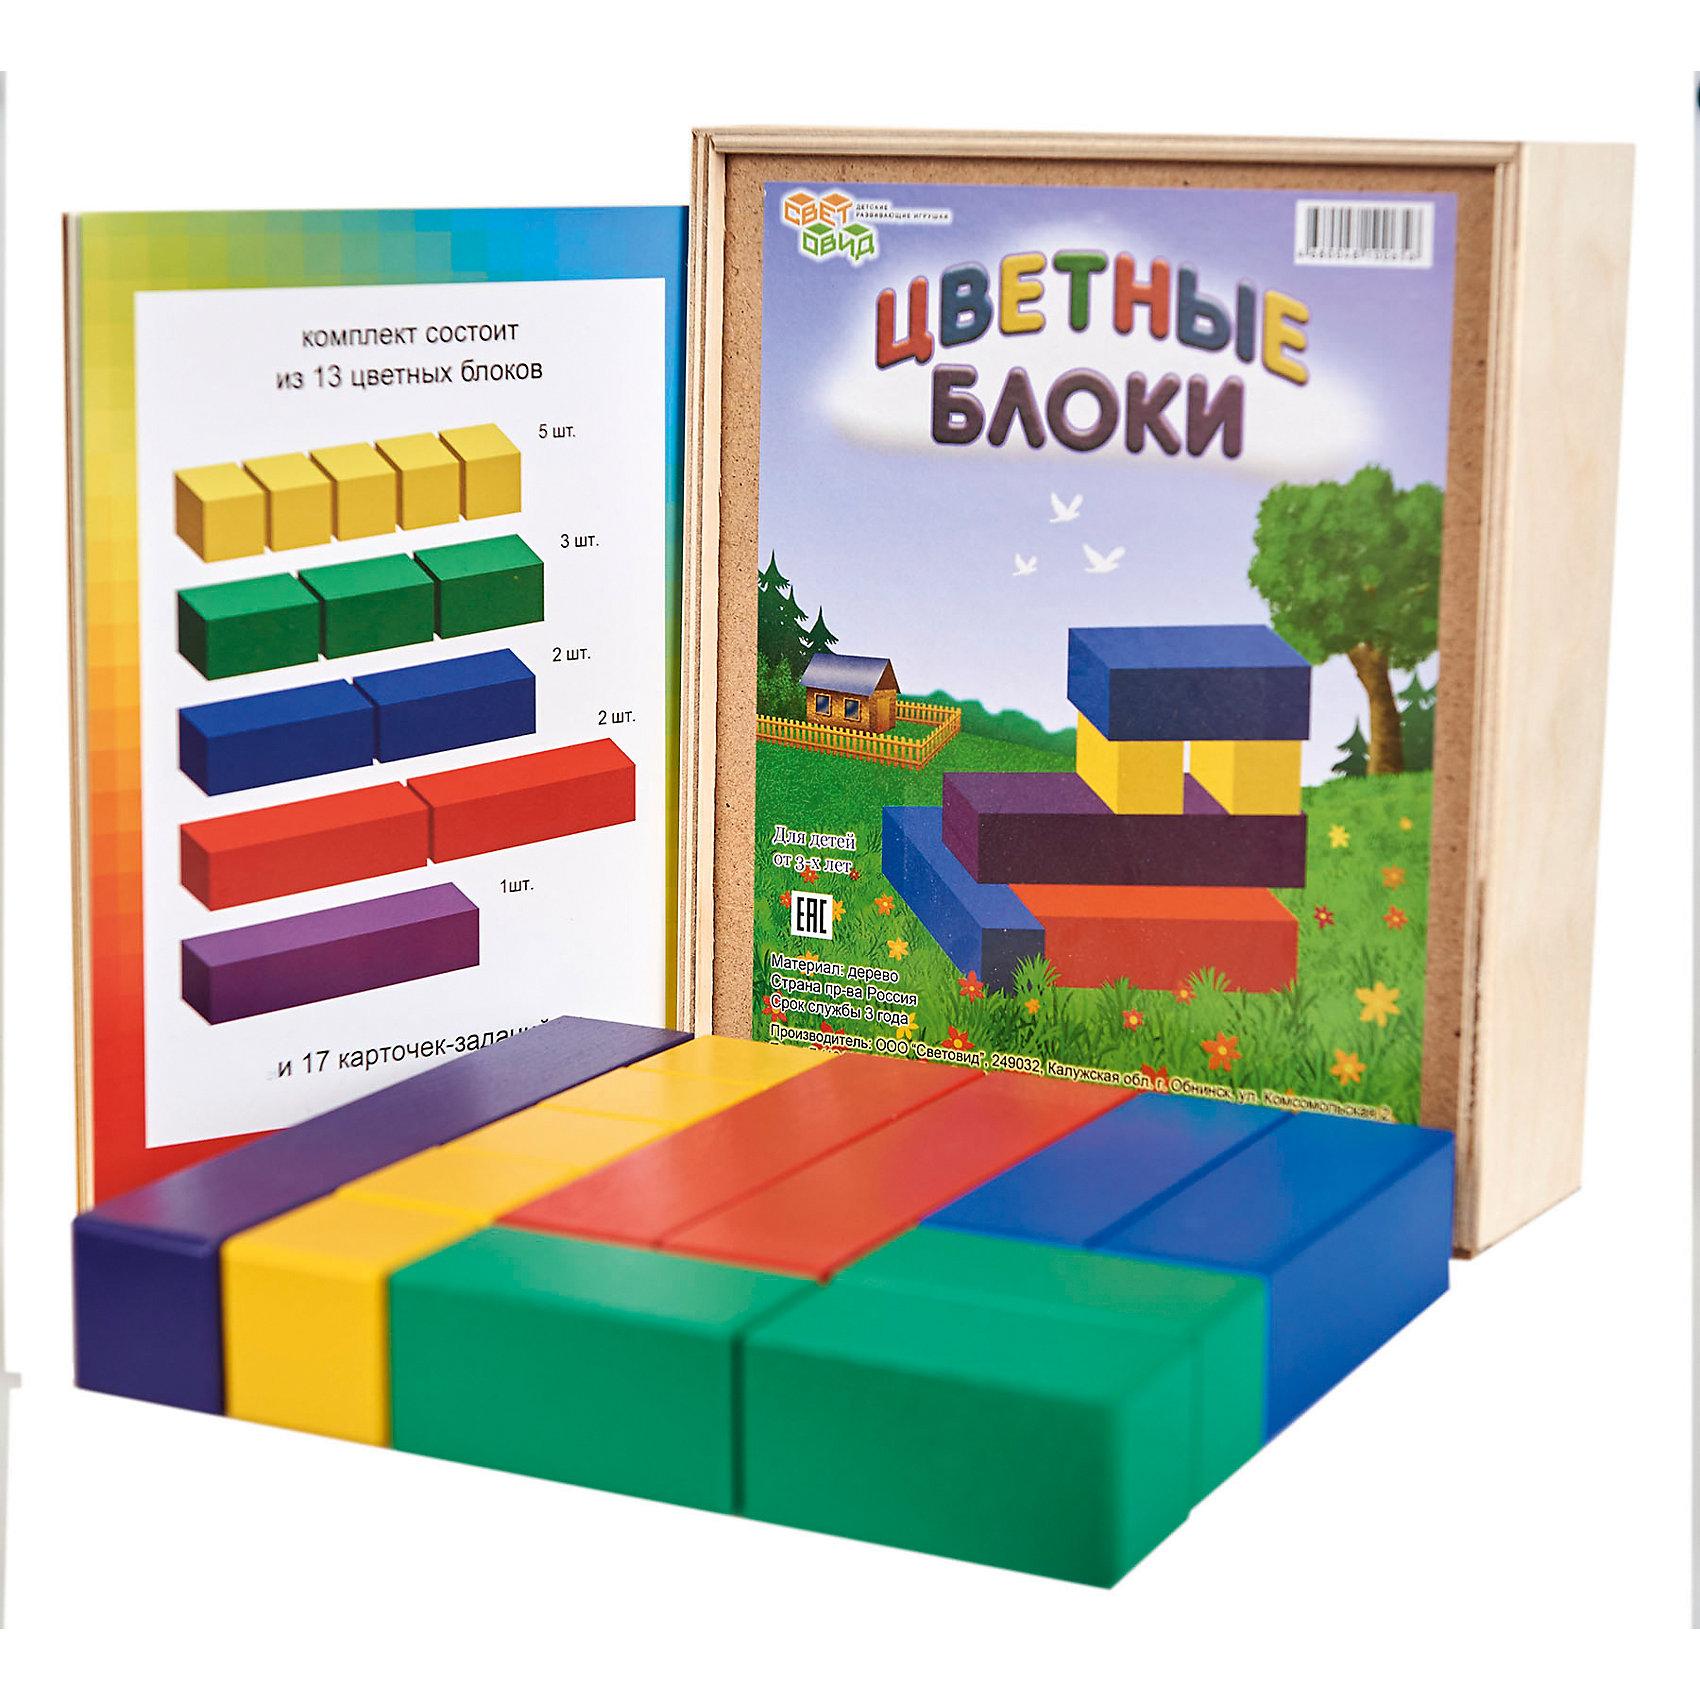 Цветные блоки, (коробка фанера), СветовидМетодики раннего развития<br>Игра Цветные блоки представляет собой набор из 13 брусков разной длинны и цветов, сечением 35 мм. К игре прилагаются карточки-задания с изображениями разных конструкций (паровозик, робот и пр.), которые необходимо собрать. Играть можно с самого маленького возраста, так как задания довольно просты, но в то же время привлекательны и интересны. Кроме того каждое задание расположено на отдельной карточке, что удобно для маленьких детей. Игра упакована в прочную деревянную коробку.<br><br>Ширина мм: 230<br>Глубина мм: 192<br>Высота мм: 65<br>Вес г: 1000<br>Возраст от месяцев: 36<br>Возраст до месяцев: 2147483647<br>Пол: Унисекс<br>Возраст: Детский<br>SKU: 6894285